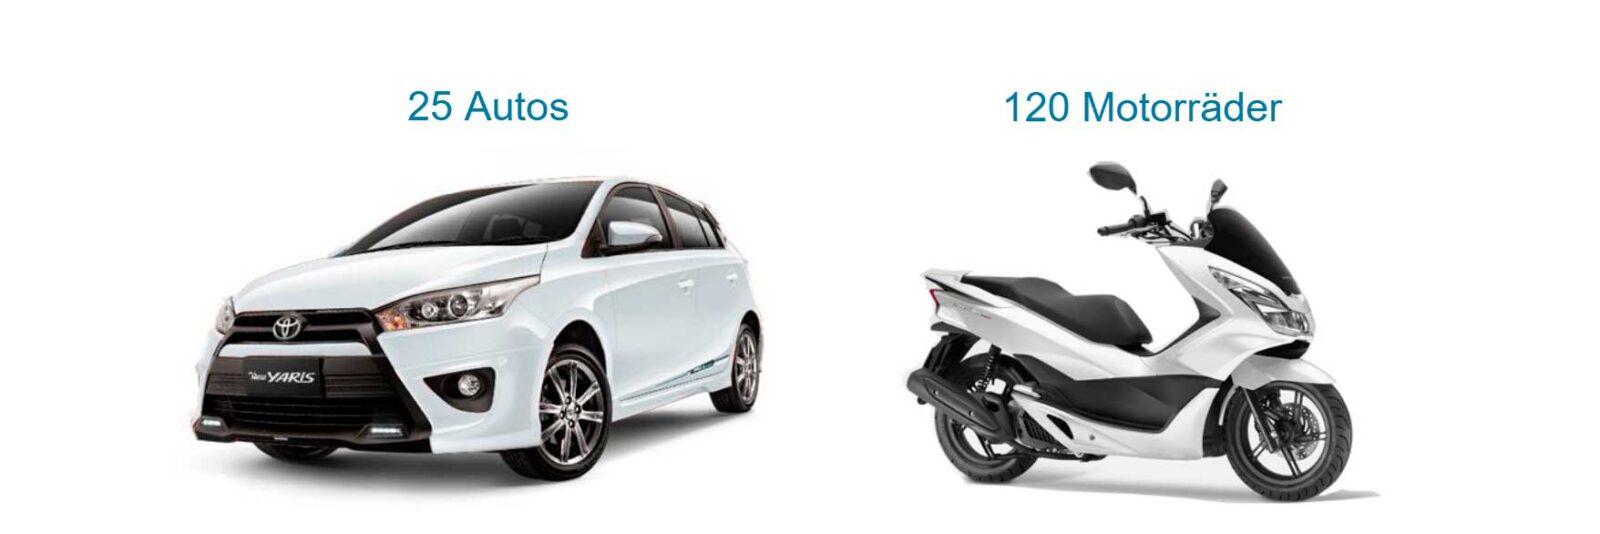 Über uns/ Auto & Motorradvermietung auf Koh Samui